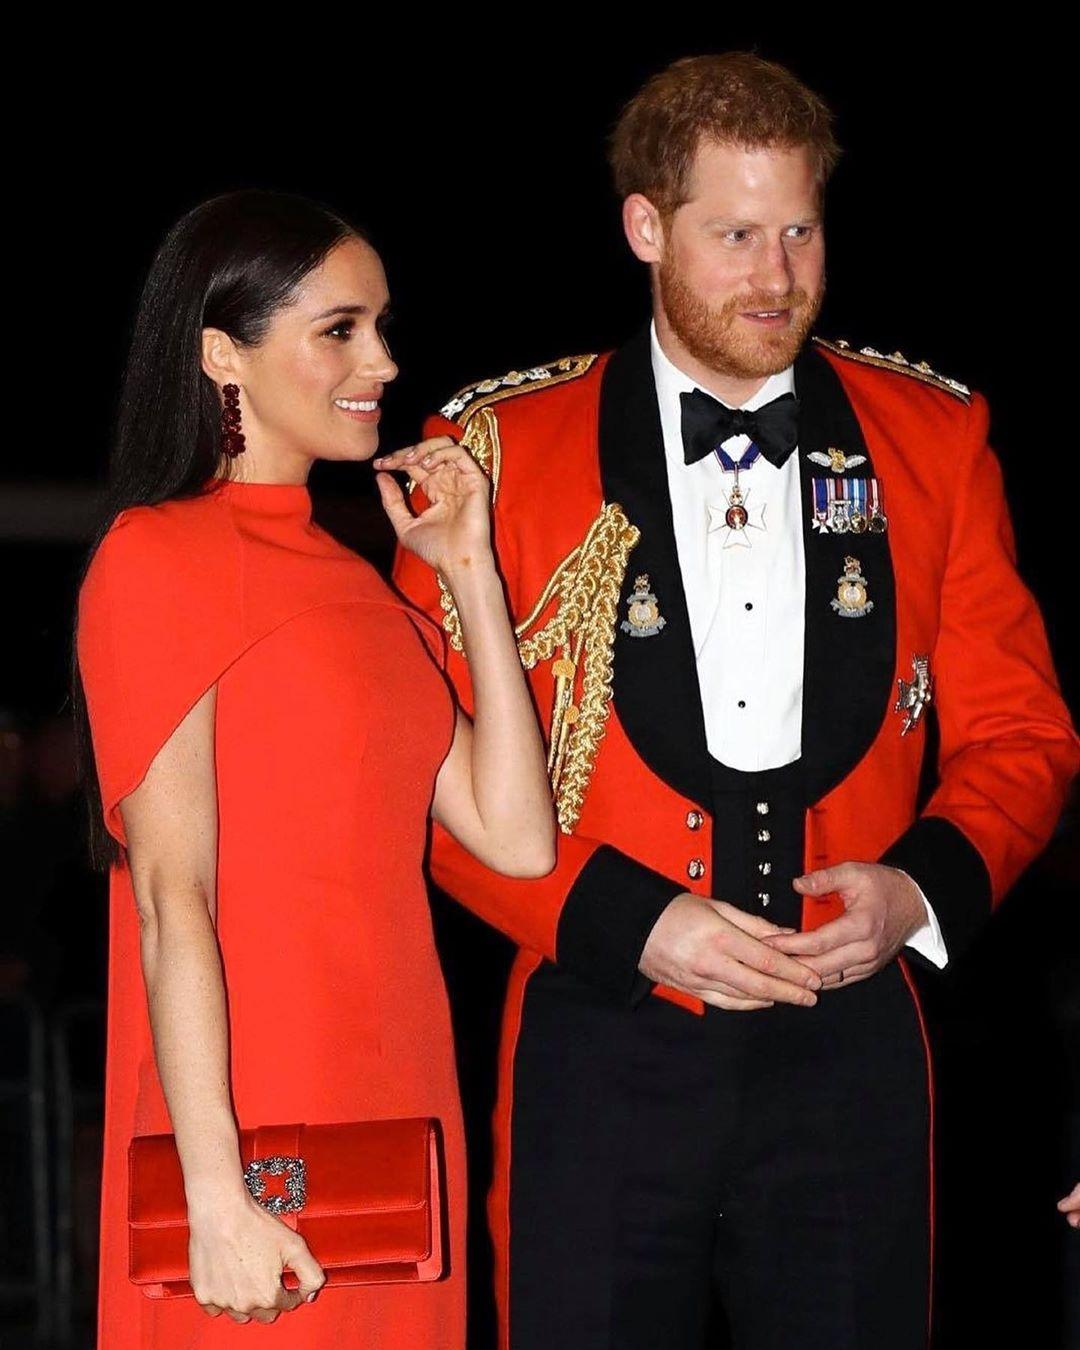 Роскошный выход Меган Маркл и принца Гарри: внук королевы появился в последний раз в качестве генерал-капитана Королевской морской пехоты (ФОТО) - фото №4